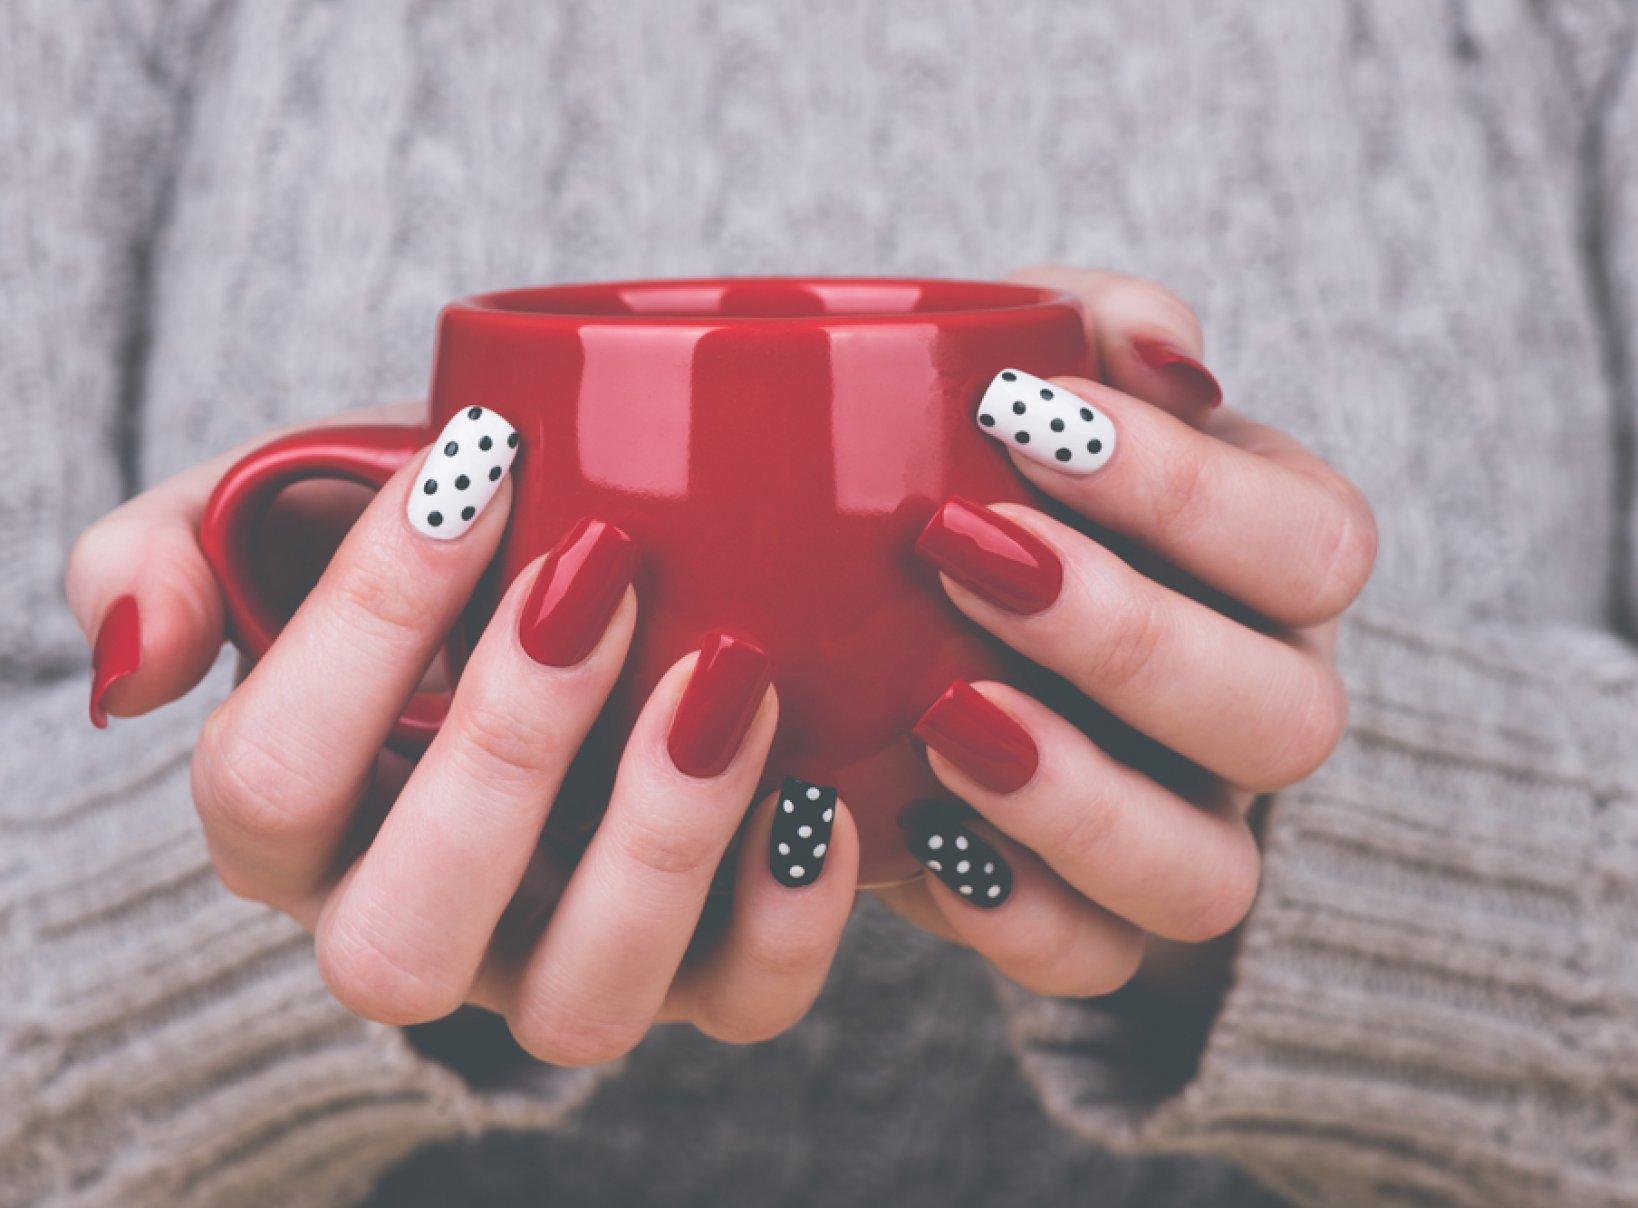 Mania Manicure Czyli Trendy W Stylizacji Paznokci Na Sezon Wiosna